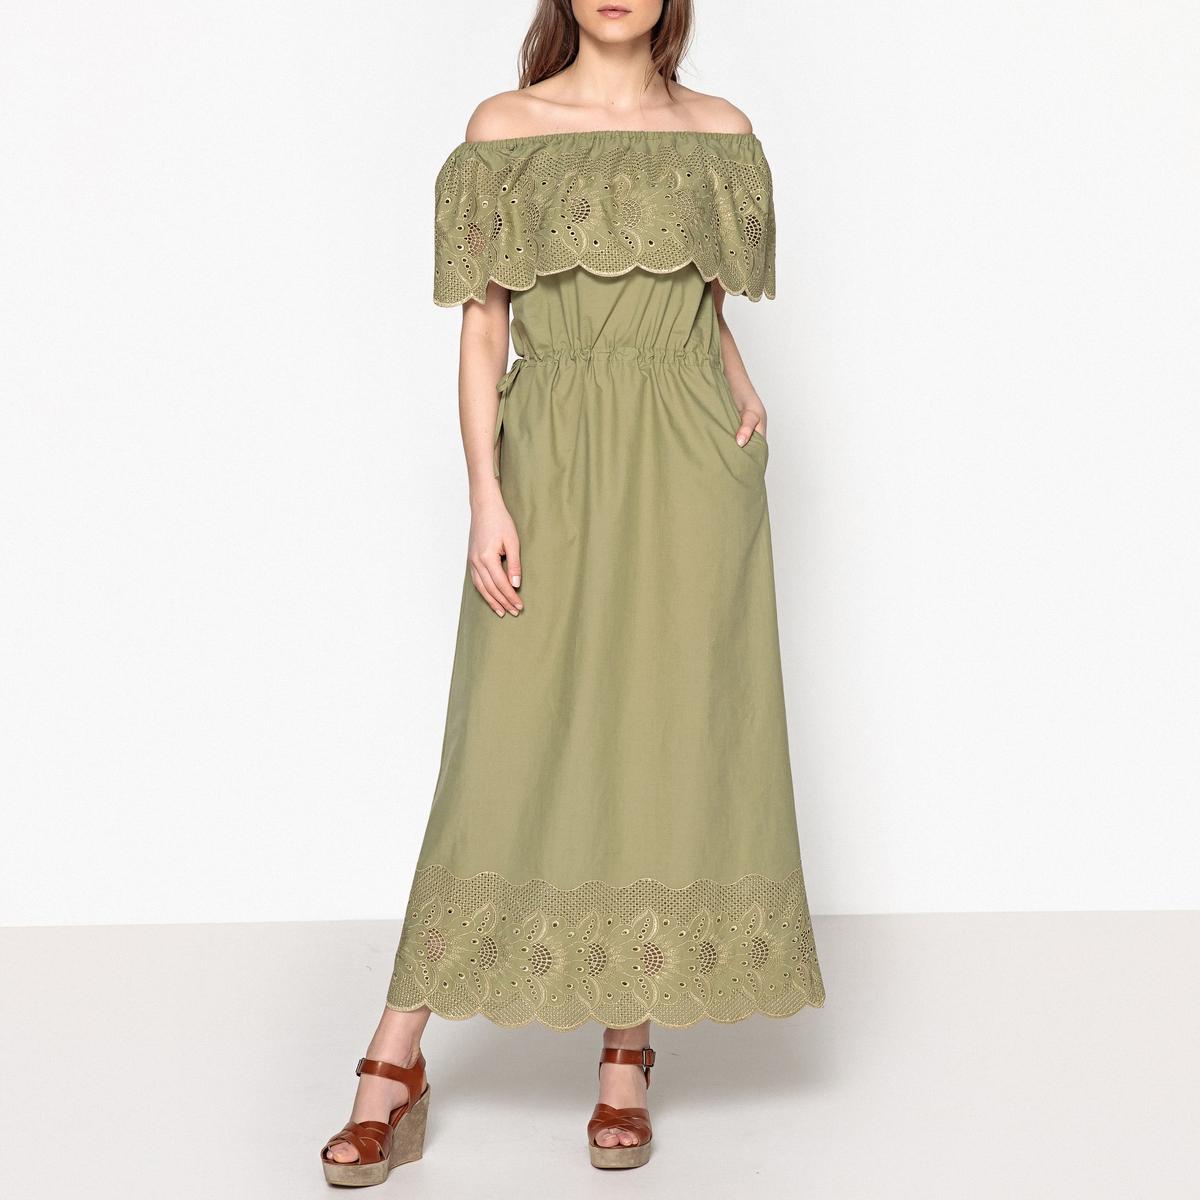 Платье длинное с воланом и английским кружевом REFRAIN